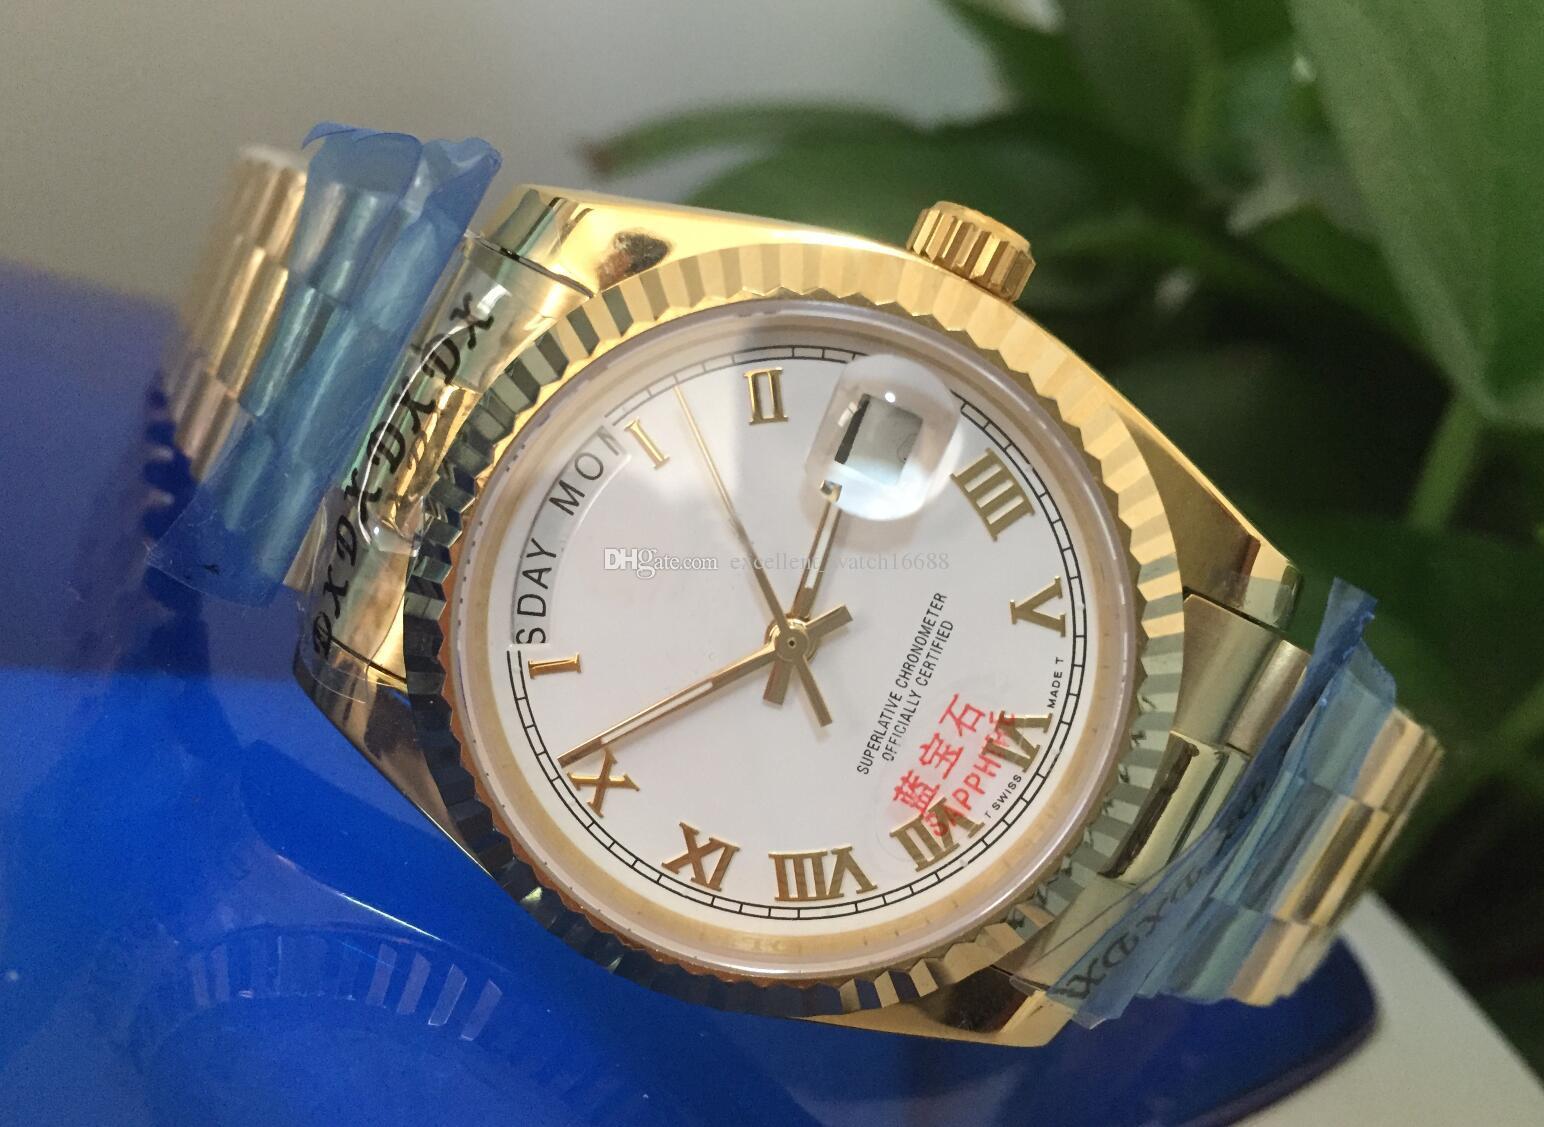 27f8977c6a04 Compre Los Mejores Relojes De Marca De Alta Calidad Day Date President 40  Mm 228238 18k Oro Amarillo Blanco Romano Dial Mecánico Automático Para  Hombre A ...